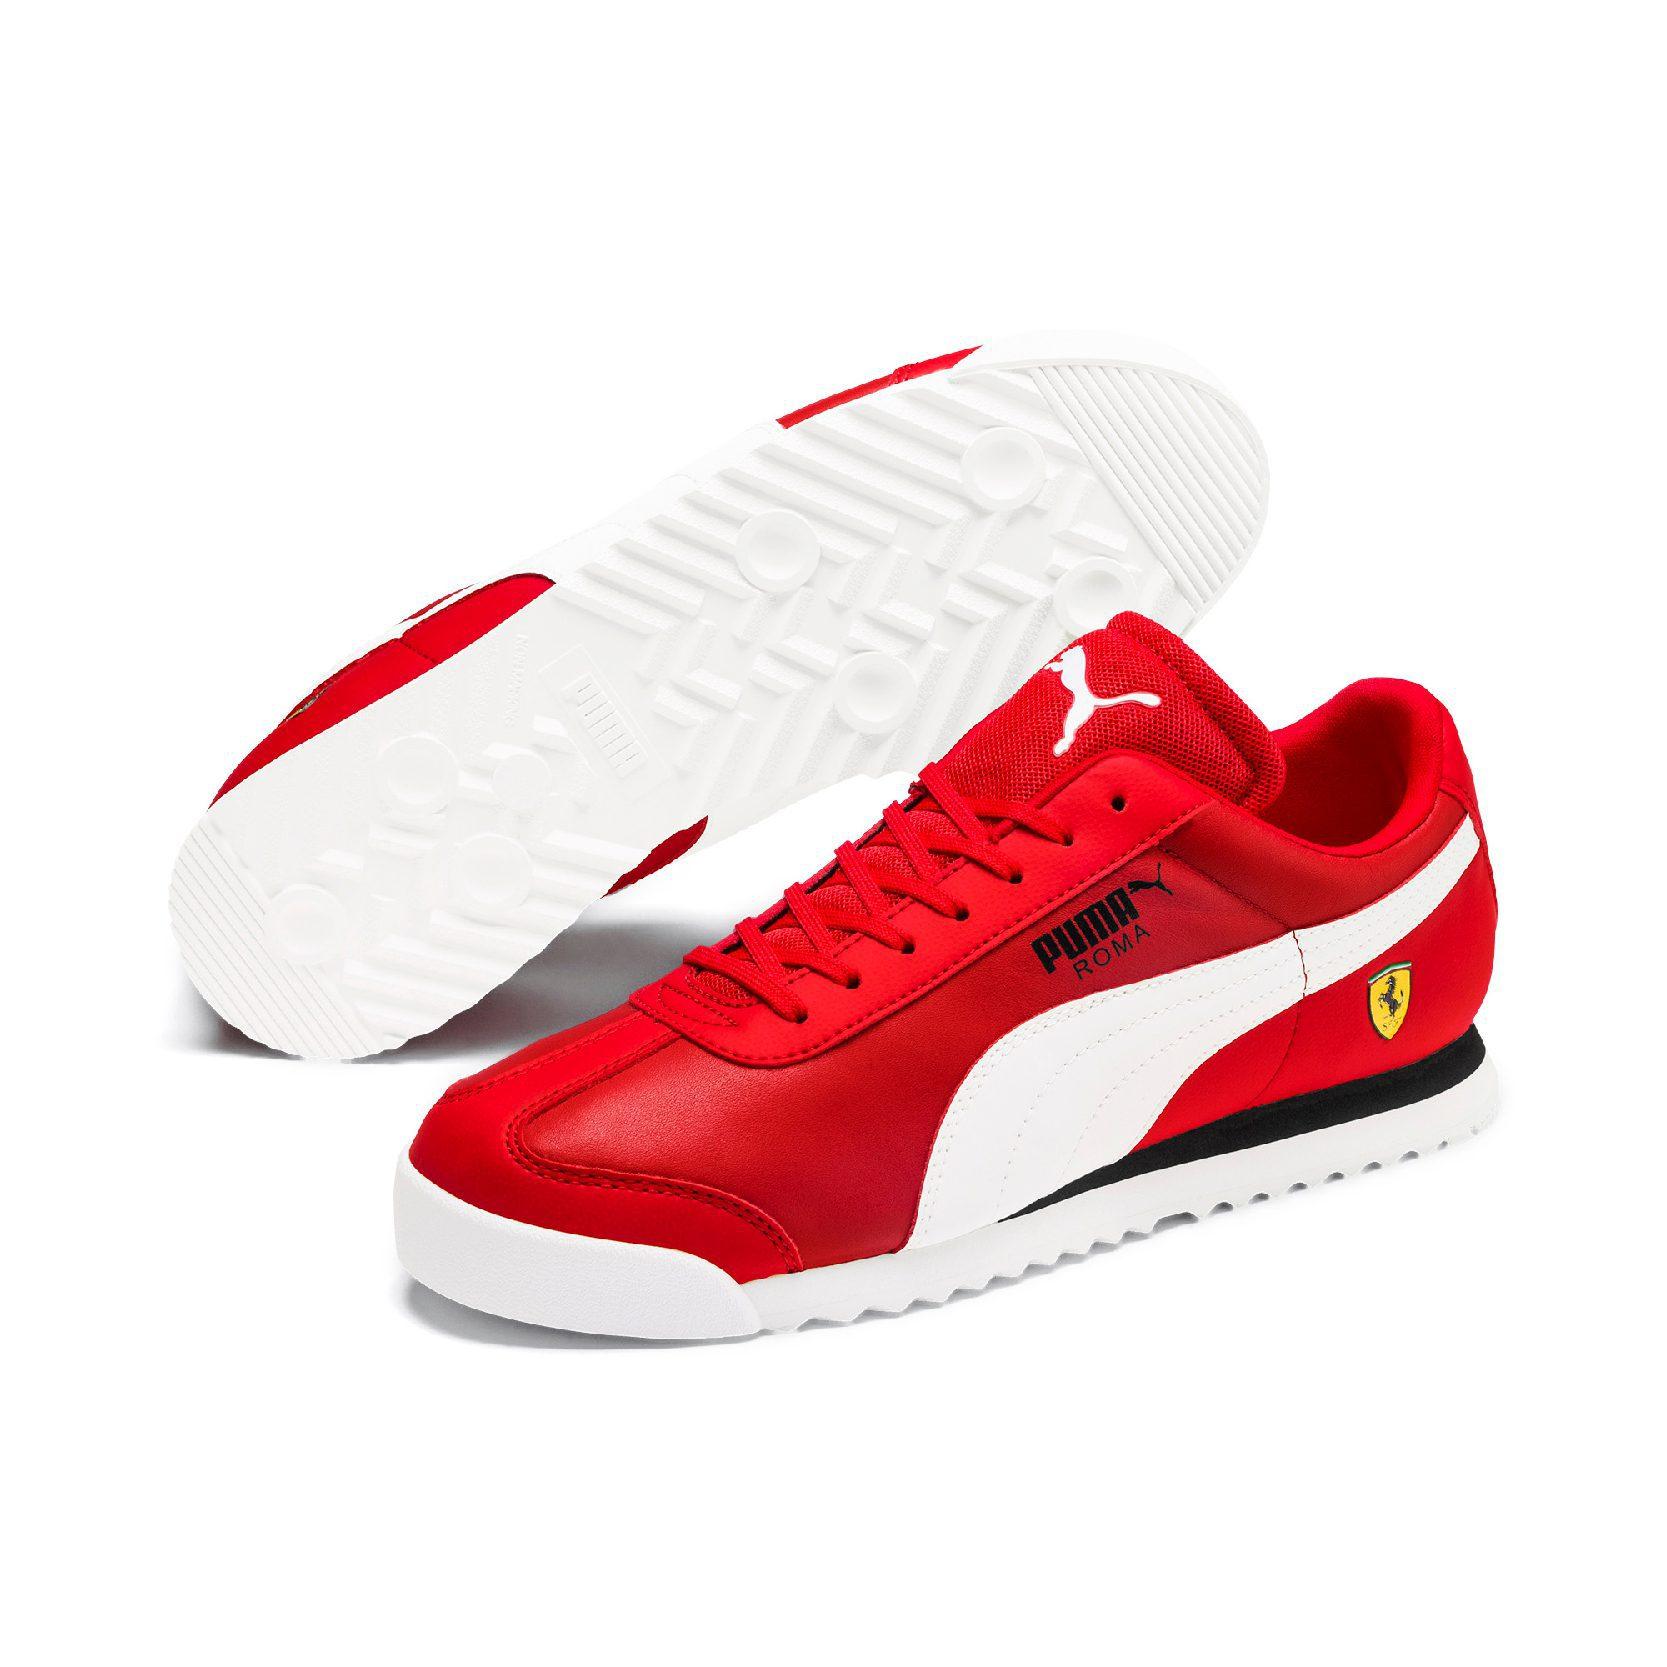 Puma Men's Scuderia Ferrari Roma Rosso Corsa/White/Black Sneakers 30608312 - WOOKI.COM